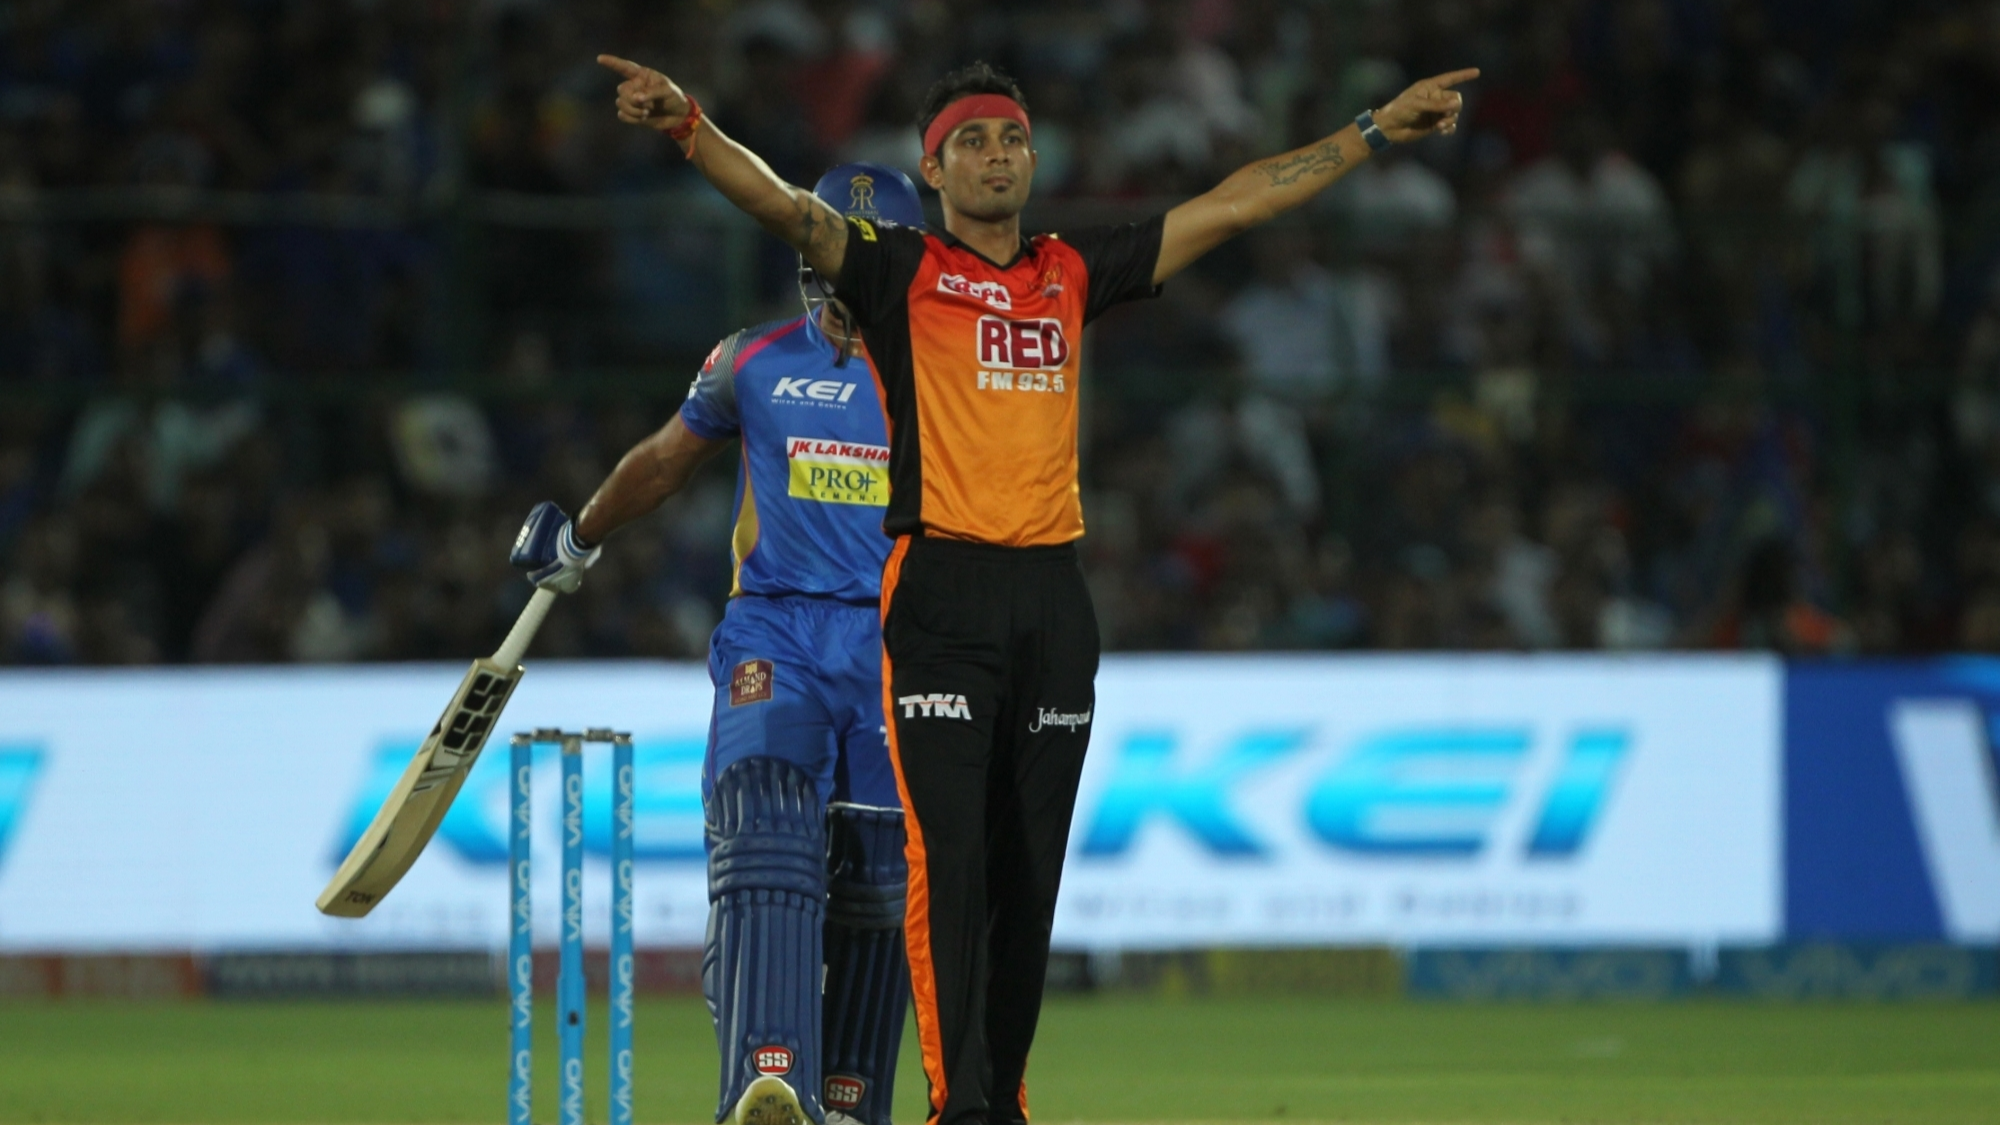 IPL 2018 :  'हम एक टीम के रूप में अच्छा कर रहे हैं, जो कि महत्वपूर्ण हैं', सिद्धार्थ कौल  ने कहा